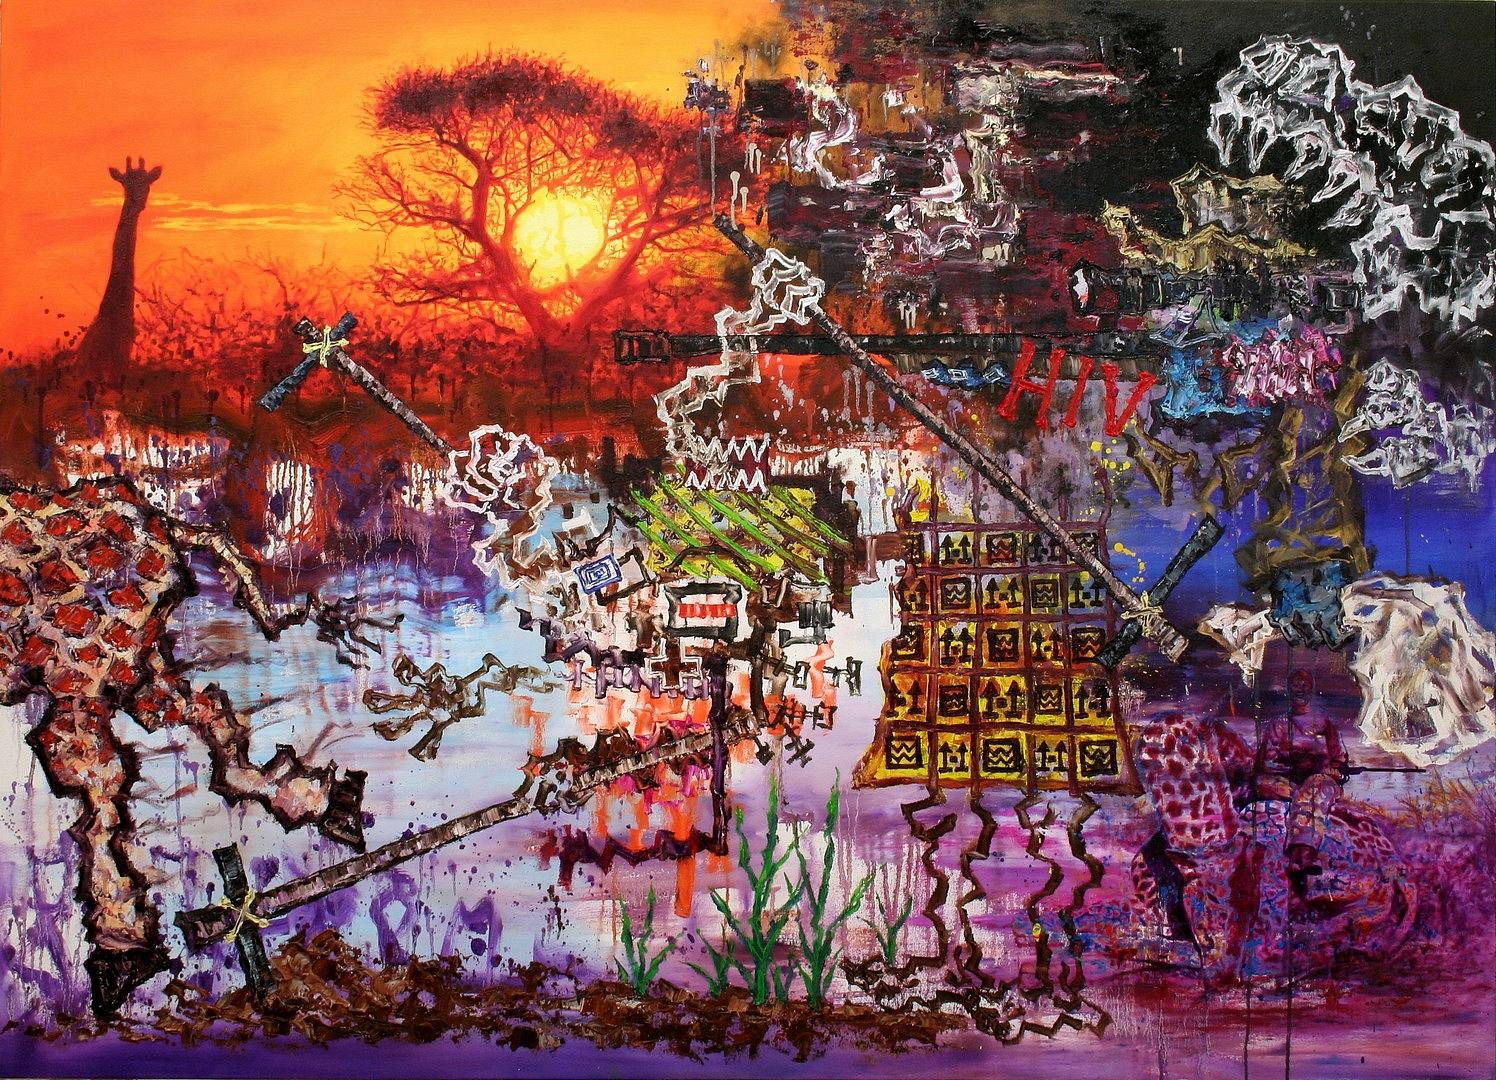 N,Die-Giraffen-steht-in-der-roten-Liste130x180cm2017